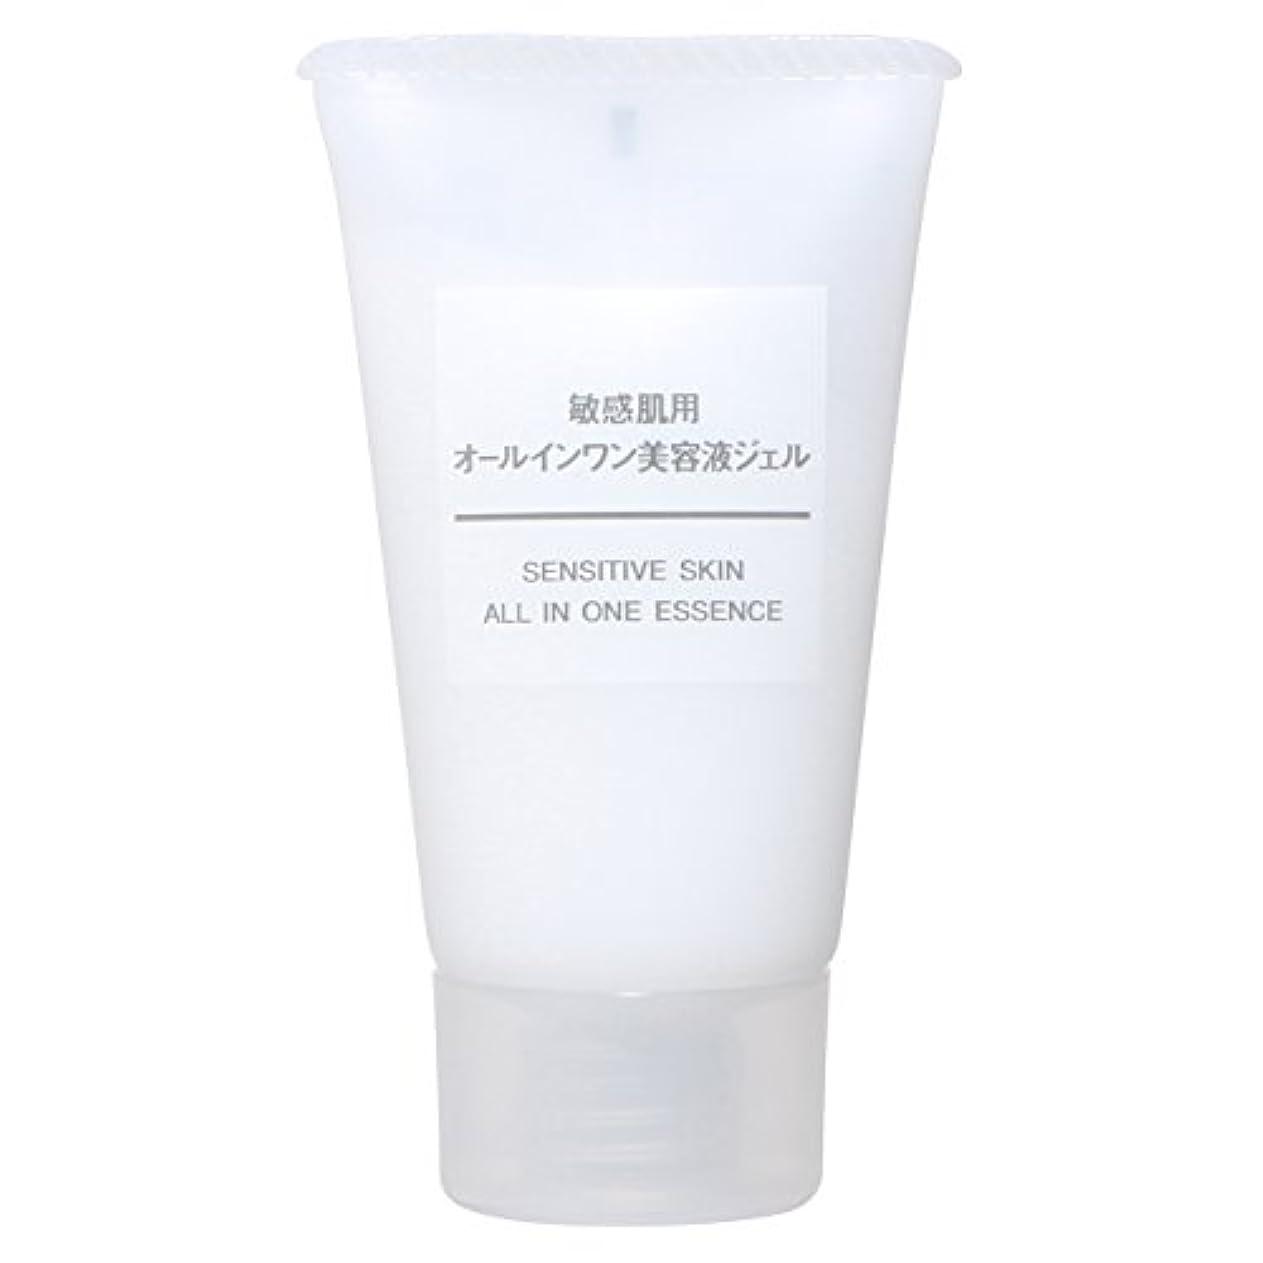 キウイ最大重要な役割を果たす、中心的な手段となる無印良品 敏感肌用オールインワン美容液ジェル(携帯用) 30g